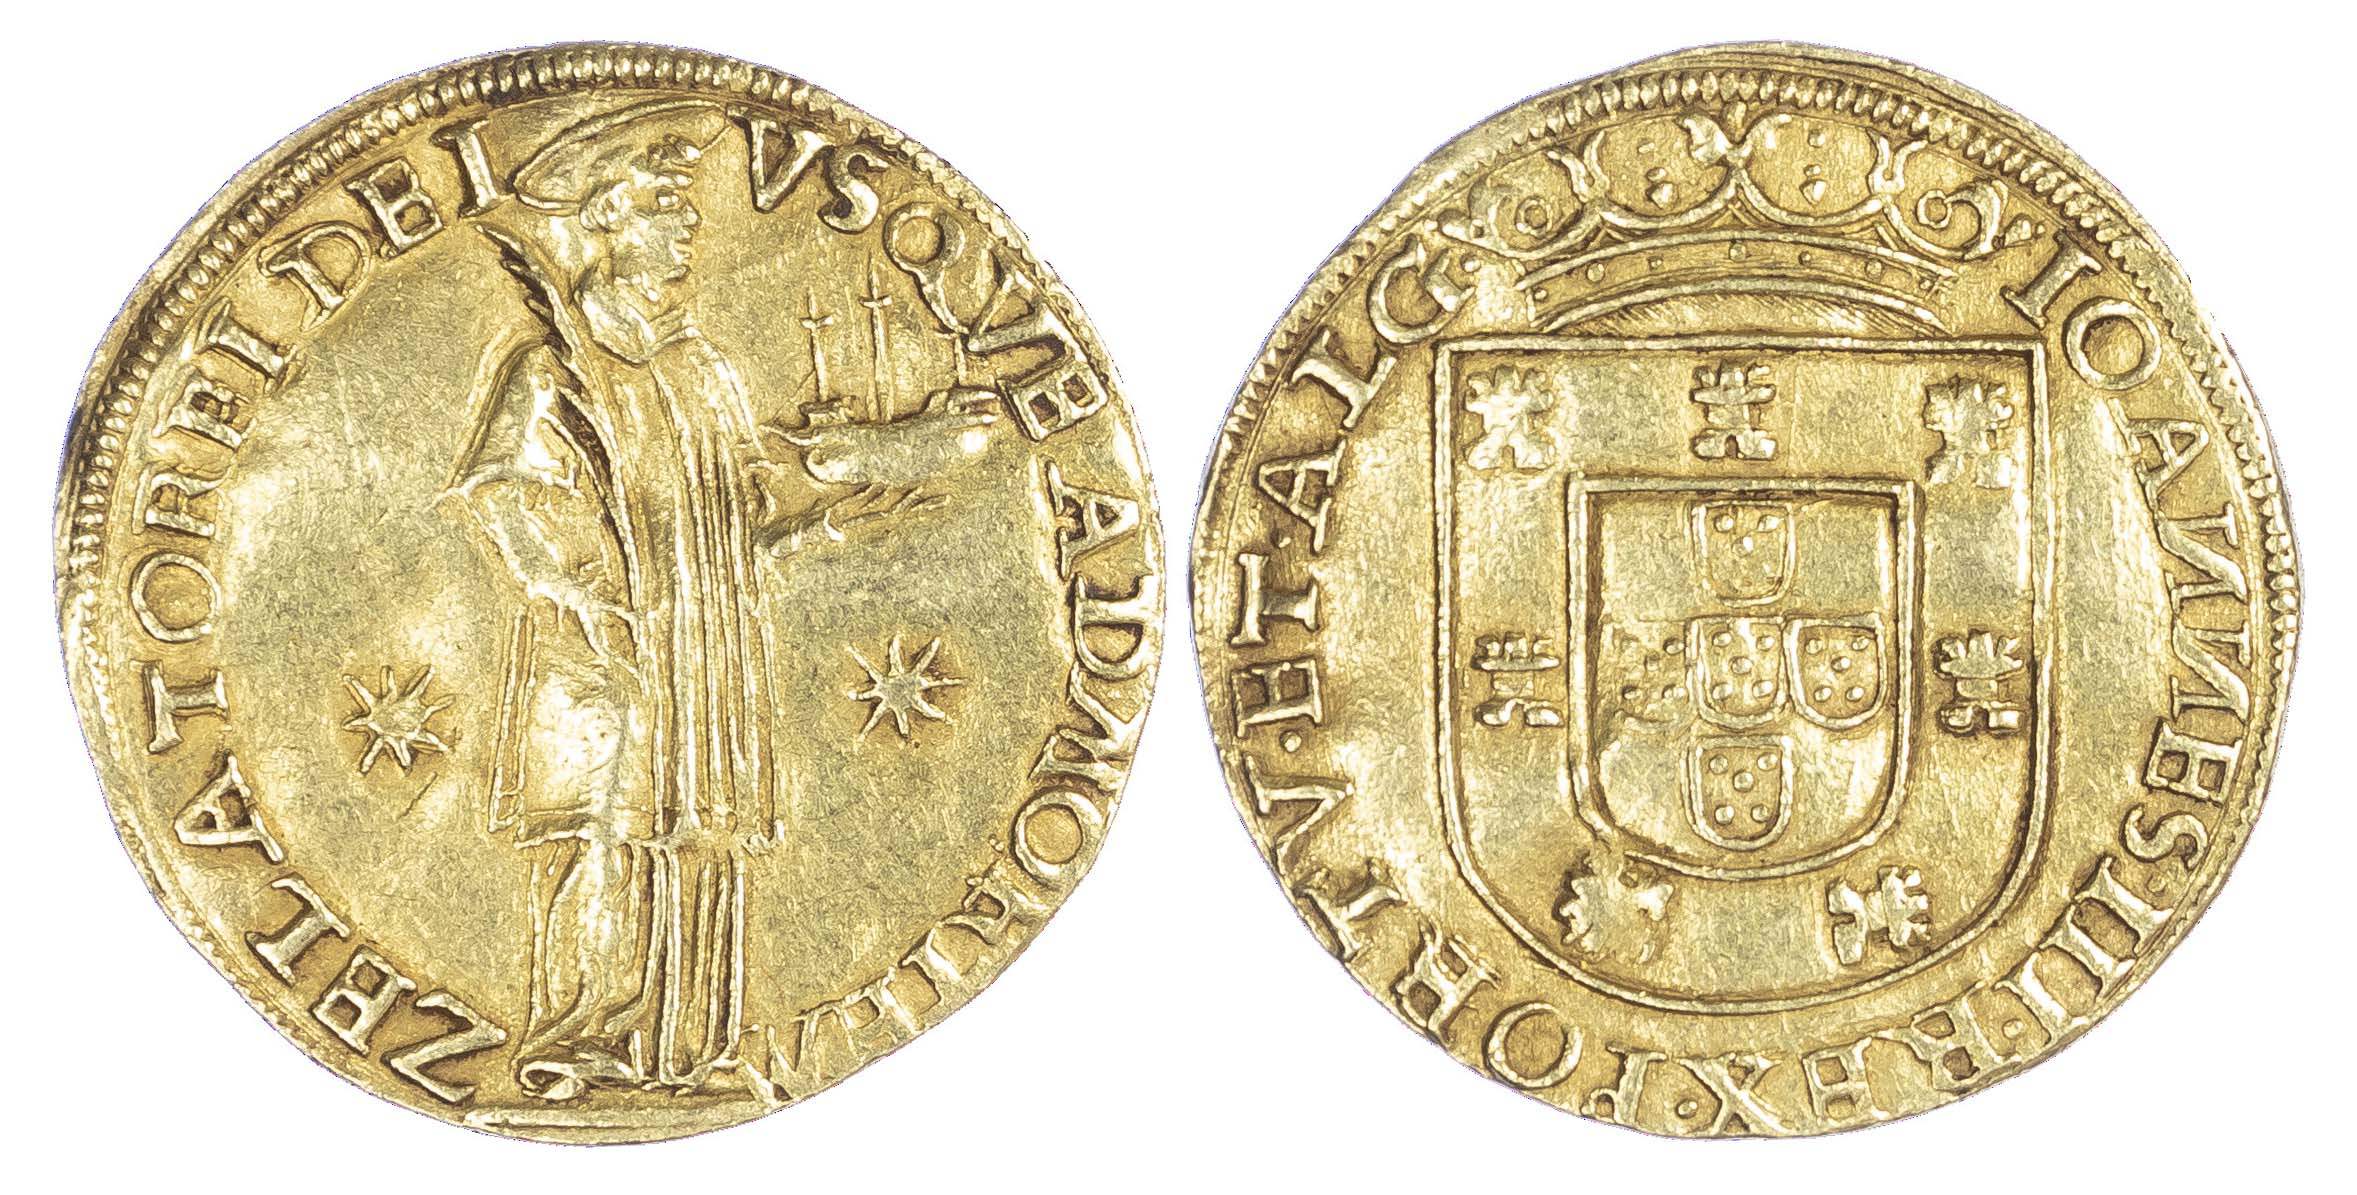 Portugal, João III (1521-57), gold São Vicente / 1,000-Reais, 1555